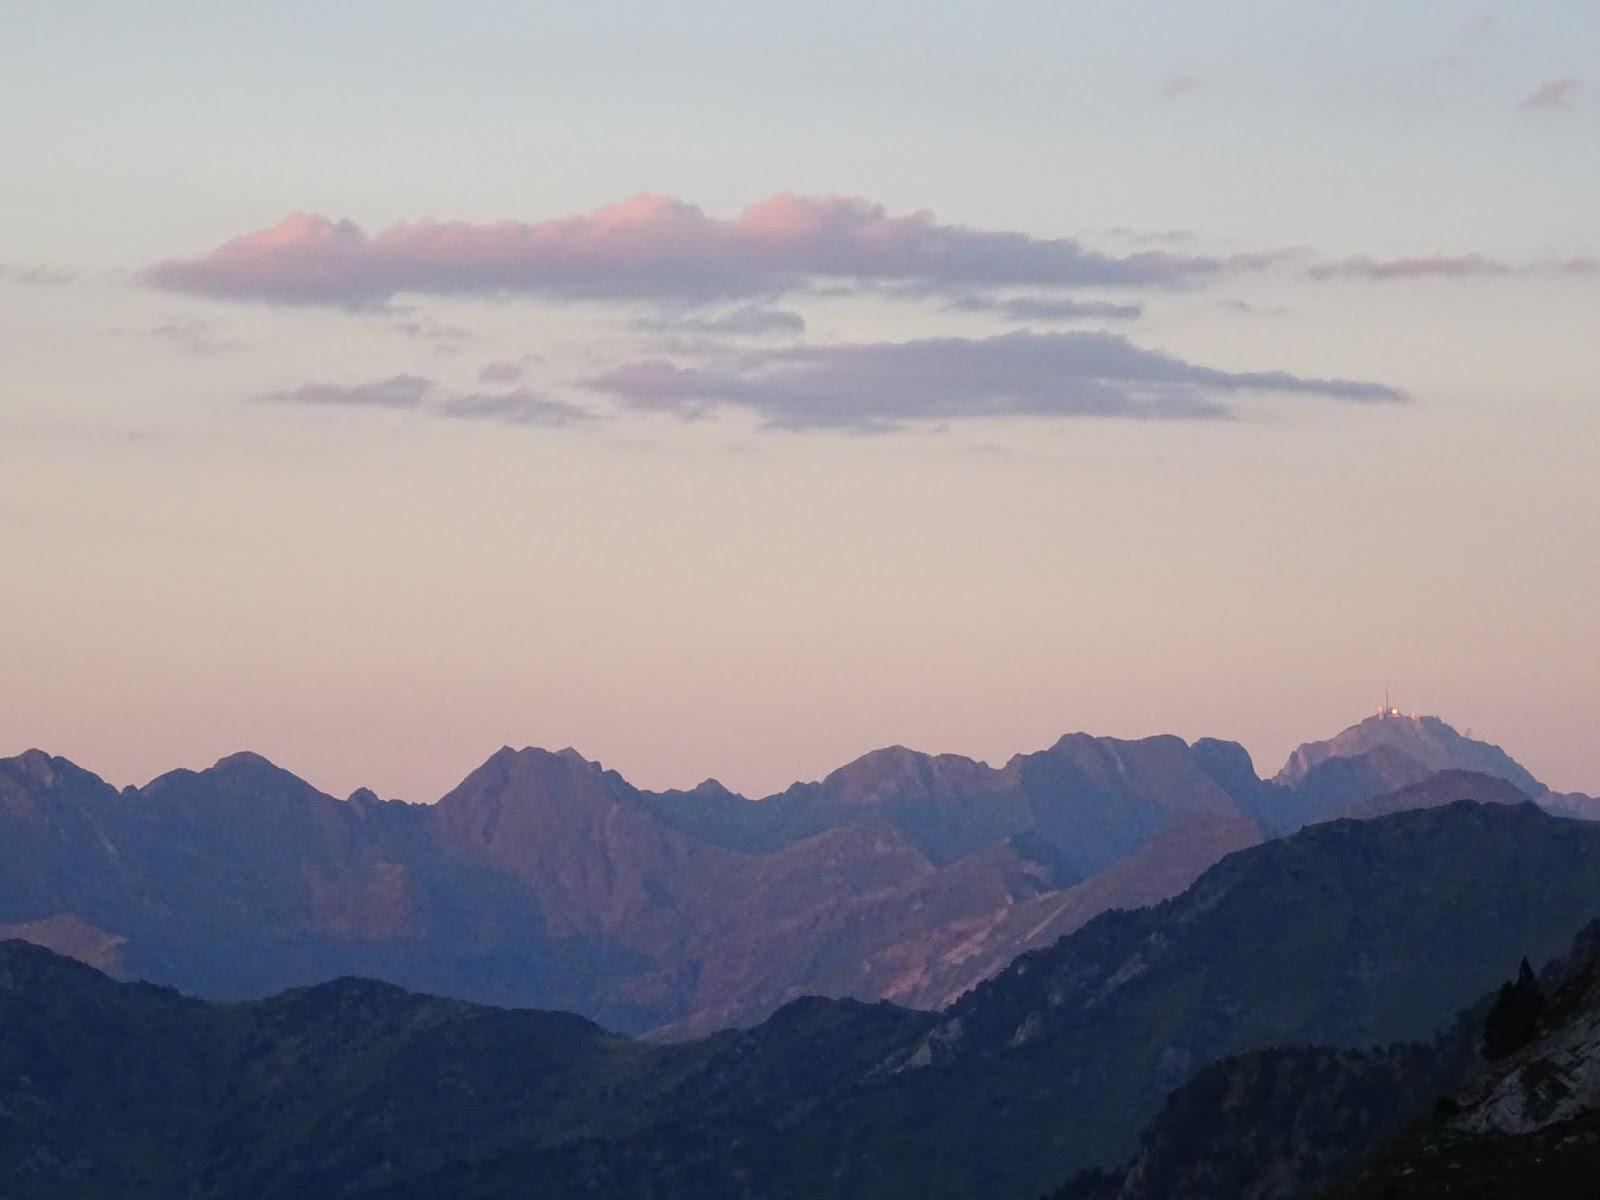 Pic du Midi ed Bigorre in der Abenddämmerung